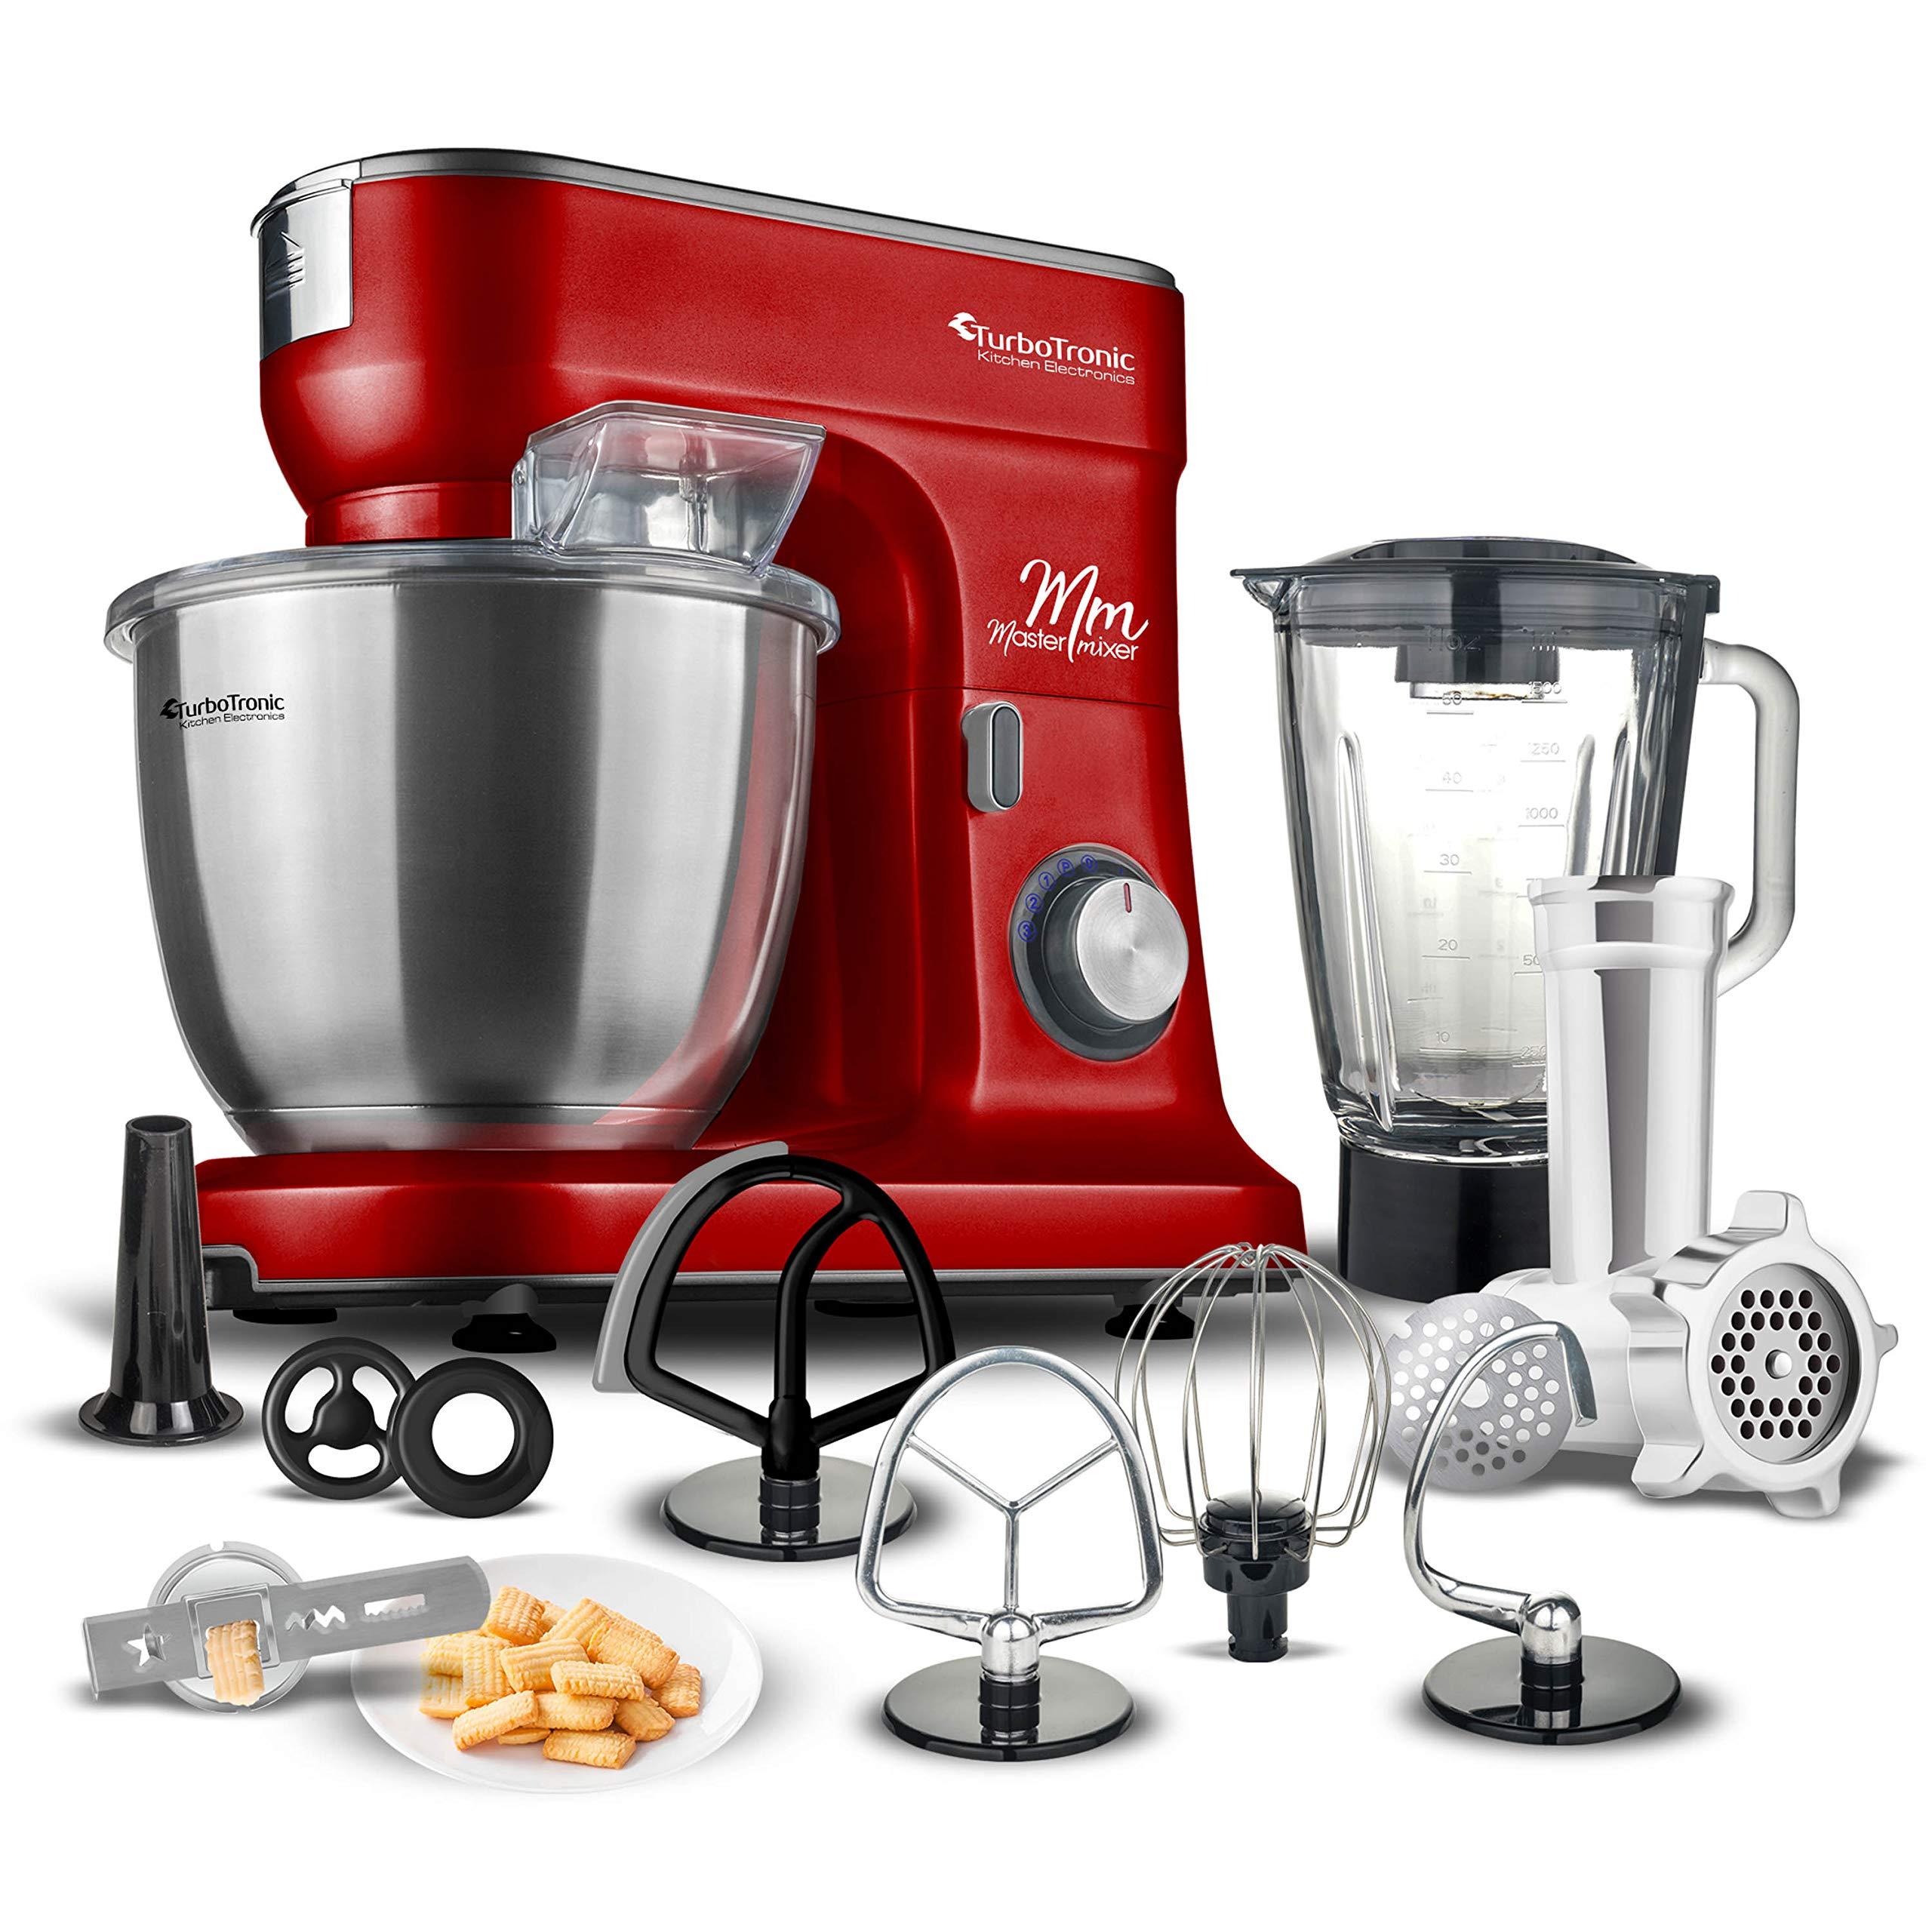 Robot de cocina multifunción con batidora & Máquina de picar carne, varillas para amasar, amasadora de masa, 6.5 litros Cuenco de acero inoxidable rojo: Amazon.es: Hogar